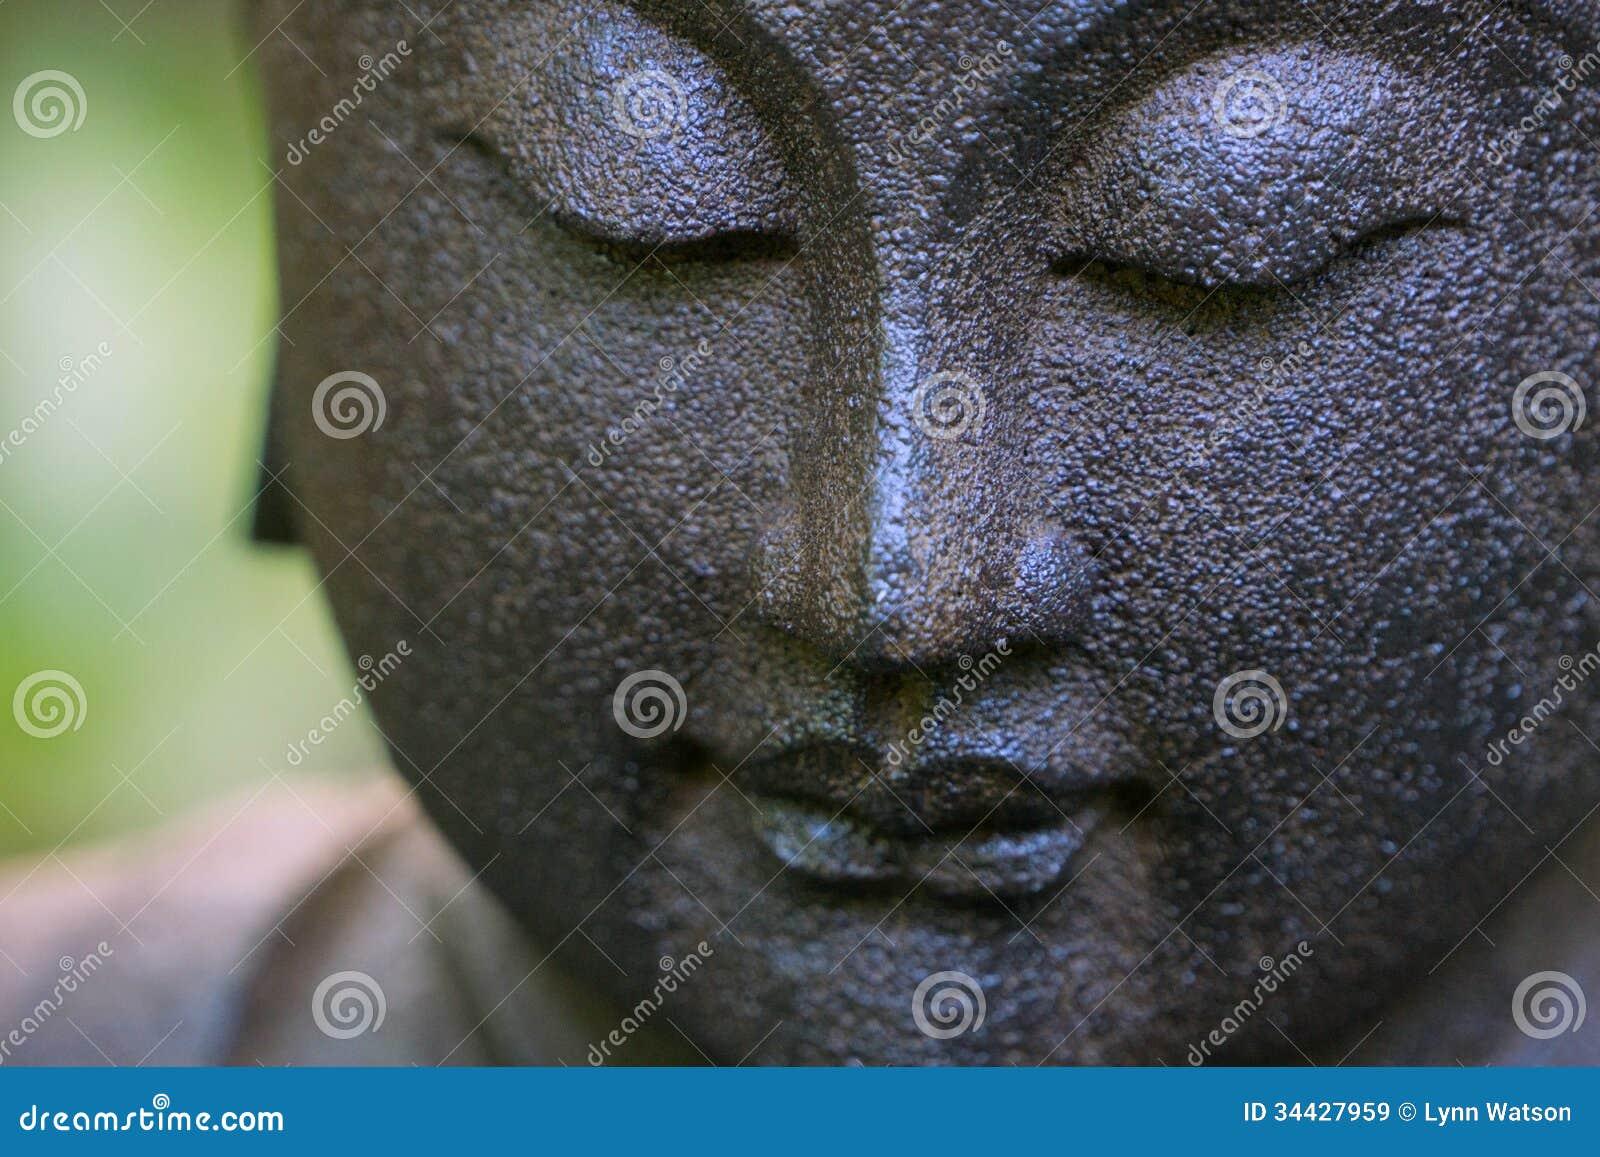 Buddha Face Royalty Free Stock Images - Image: 34427959